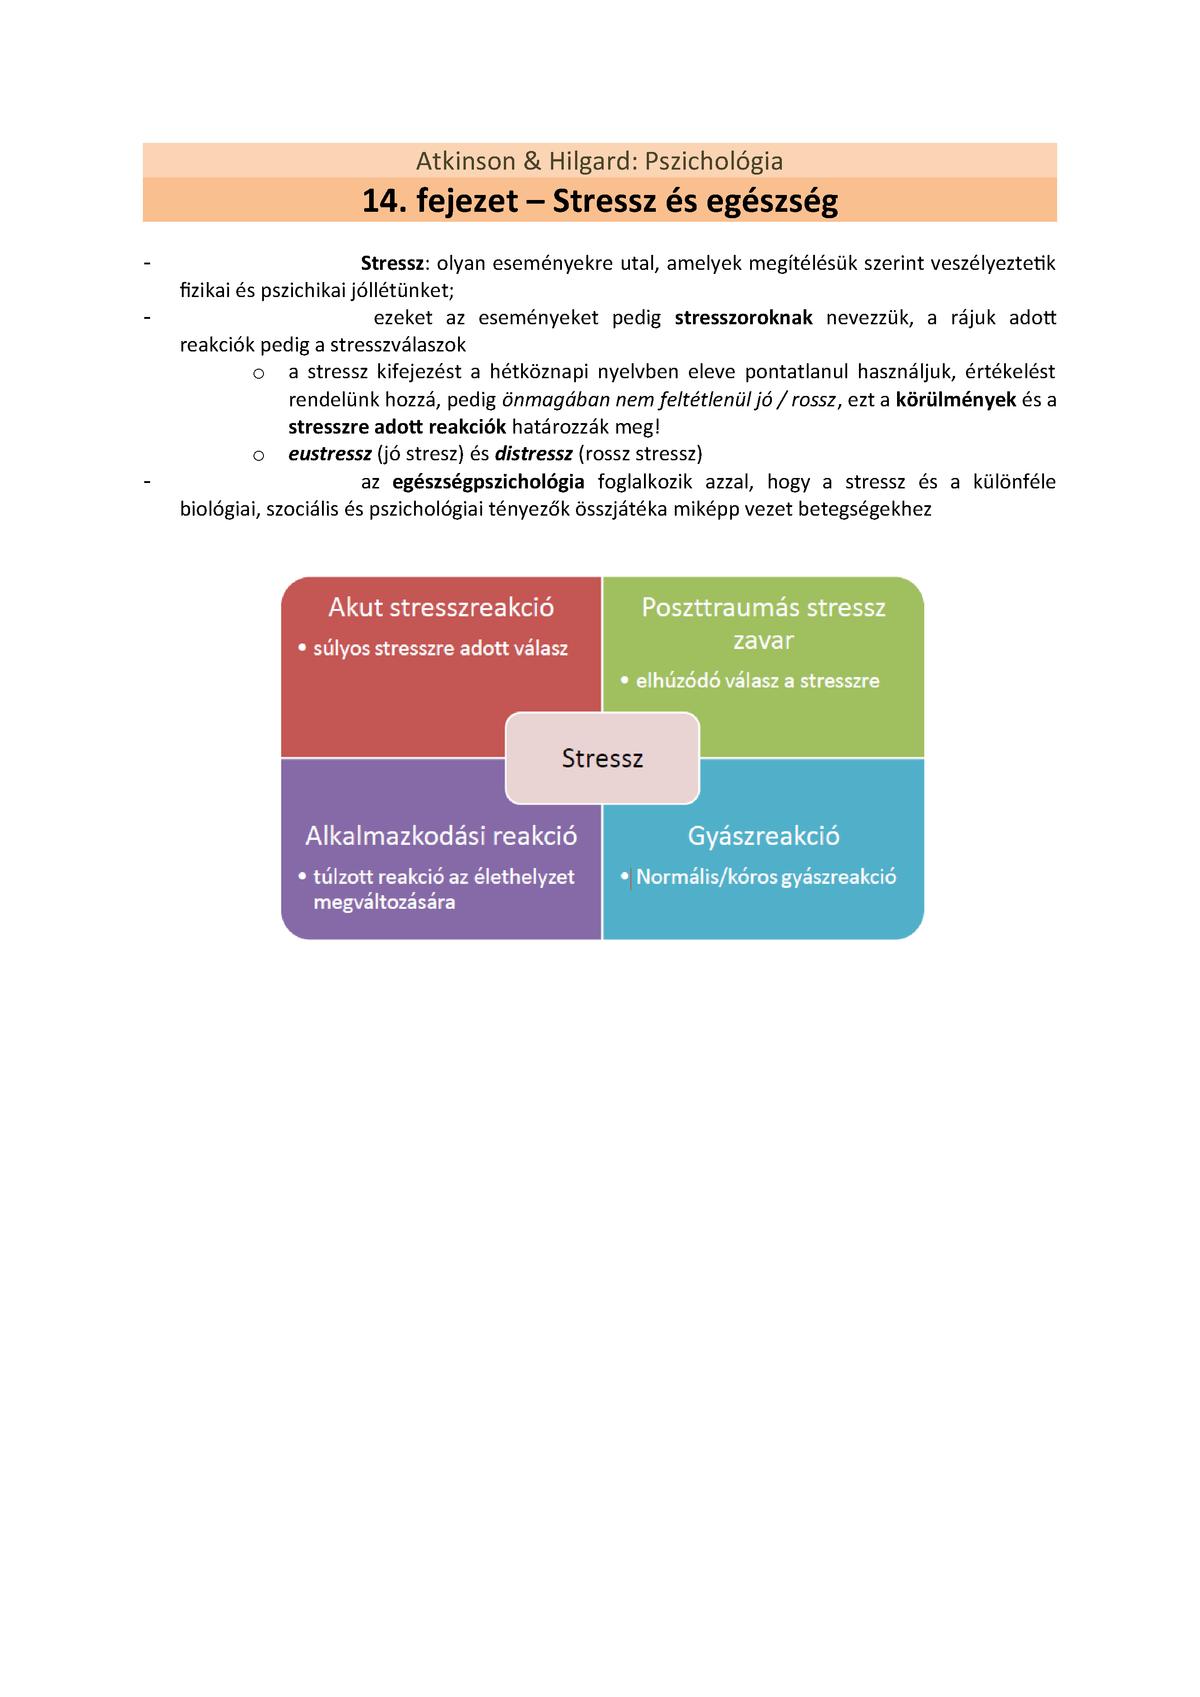 a magas vérnyomás pszichológiai jellemzői)